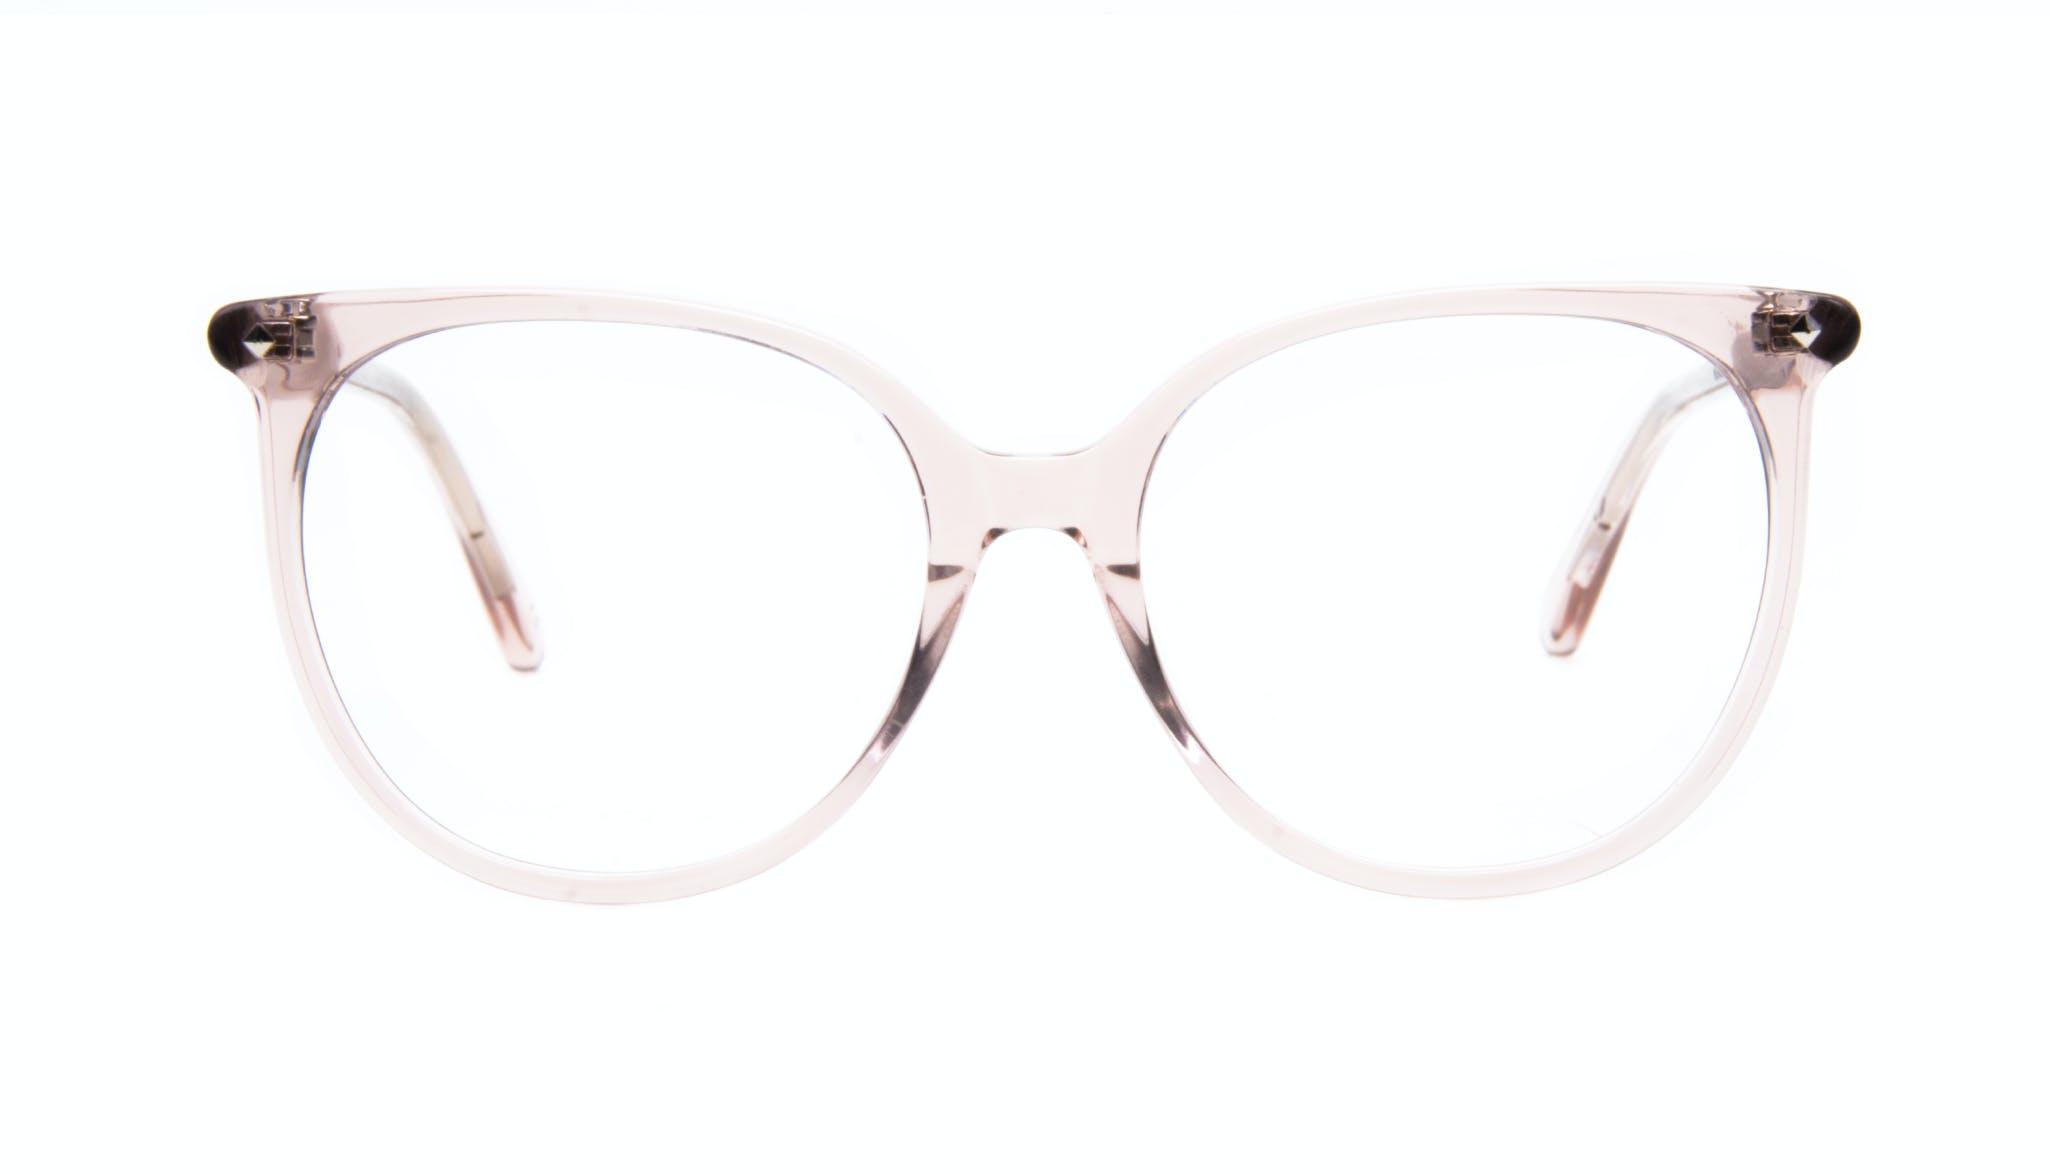 Lunettes tendance Oeil de chat Carrée Lunettes de vue Femmes Area Rose